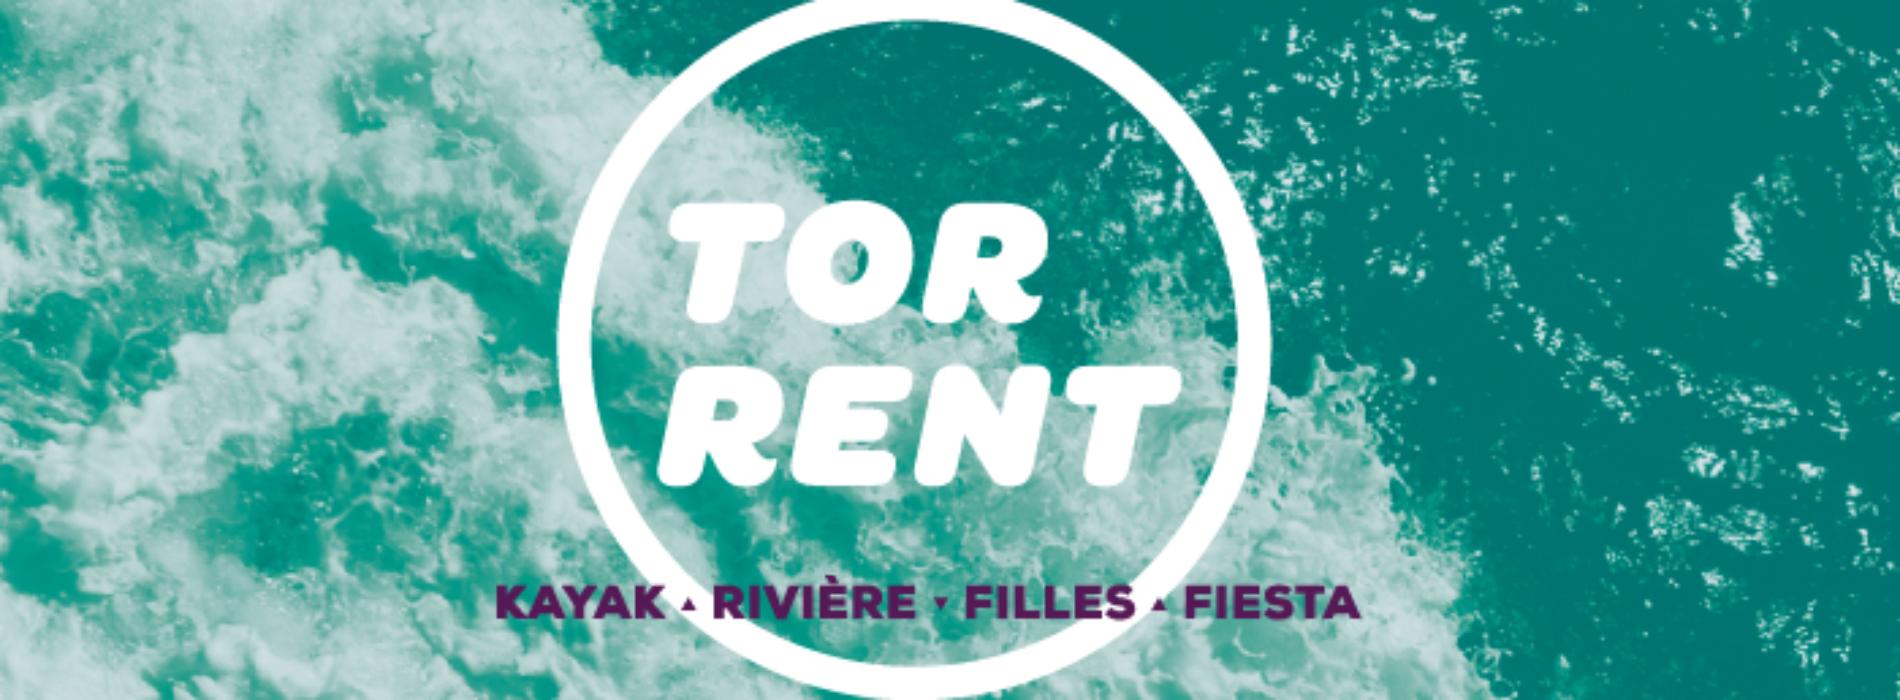 5 événements épiques pour les 5 prochains weekends au Québec